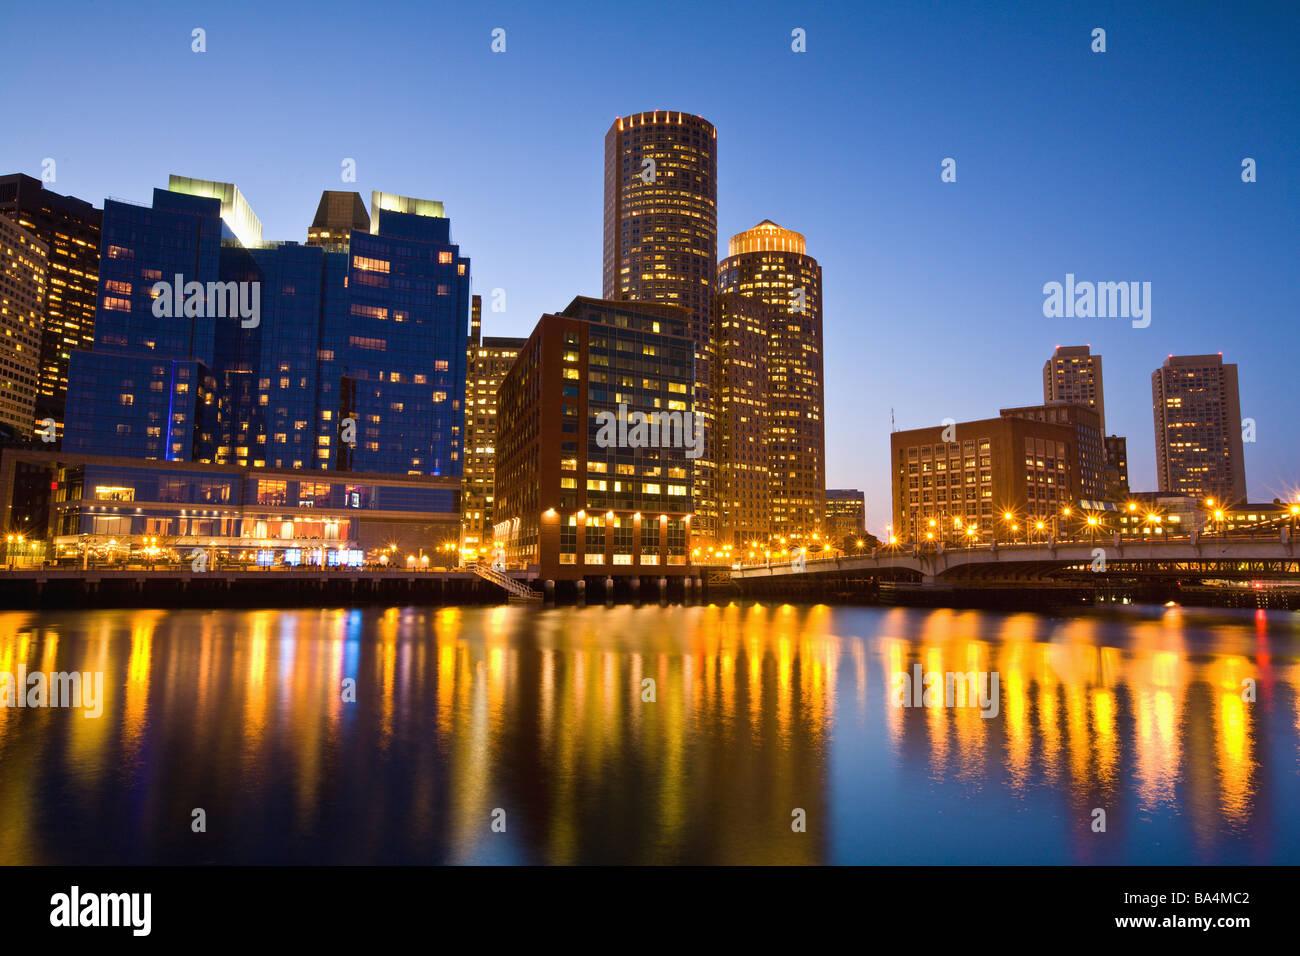 Il Boston Harbor skyline e waterfront al tramonto, il quartiere finanziario Immagini Stock